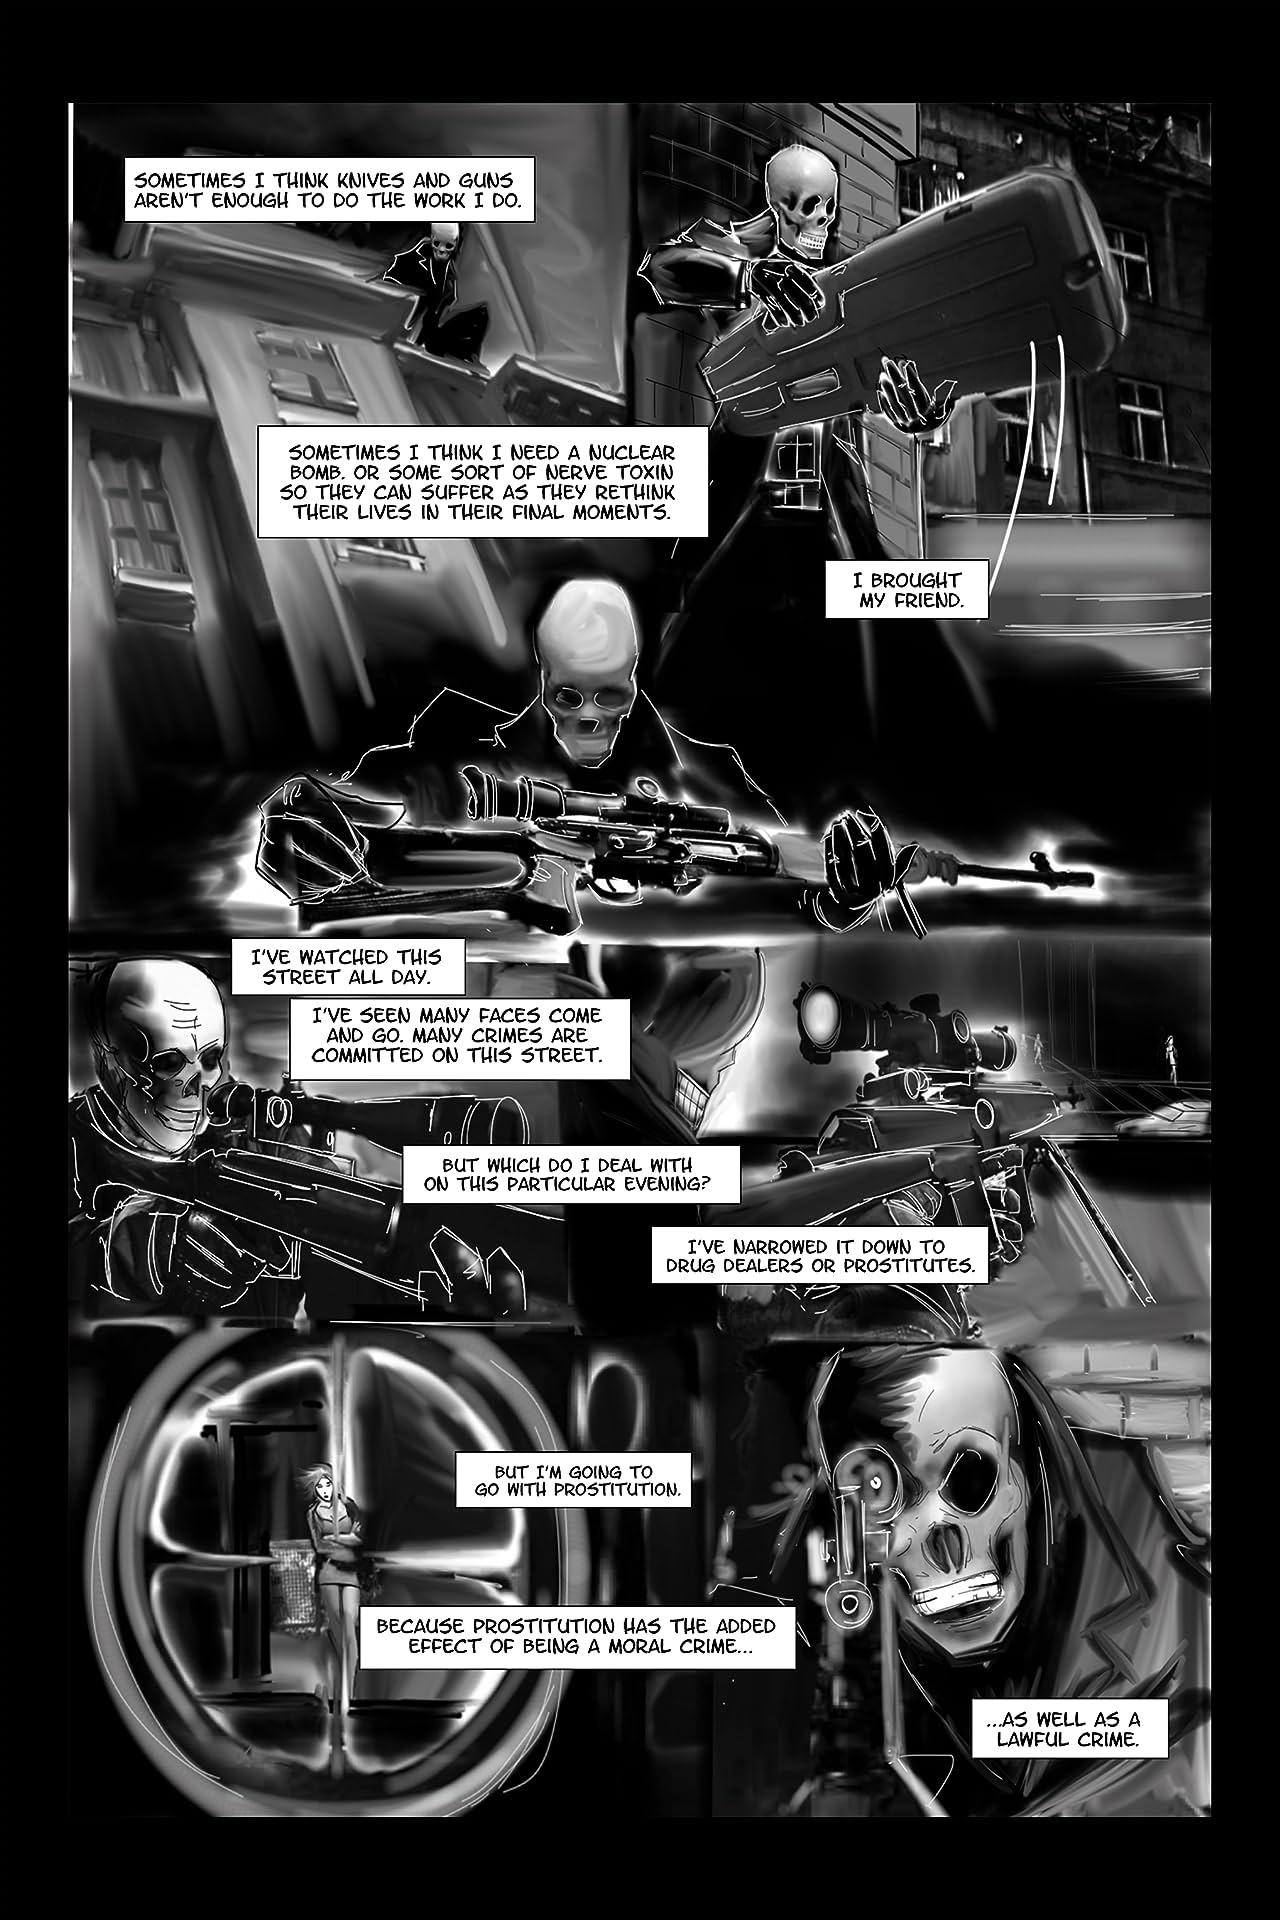 Skull: Prostitution